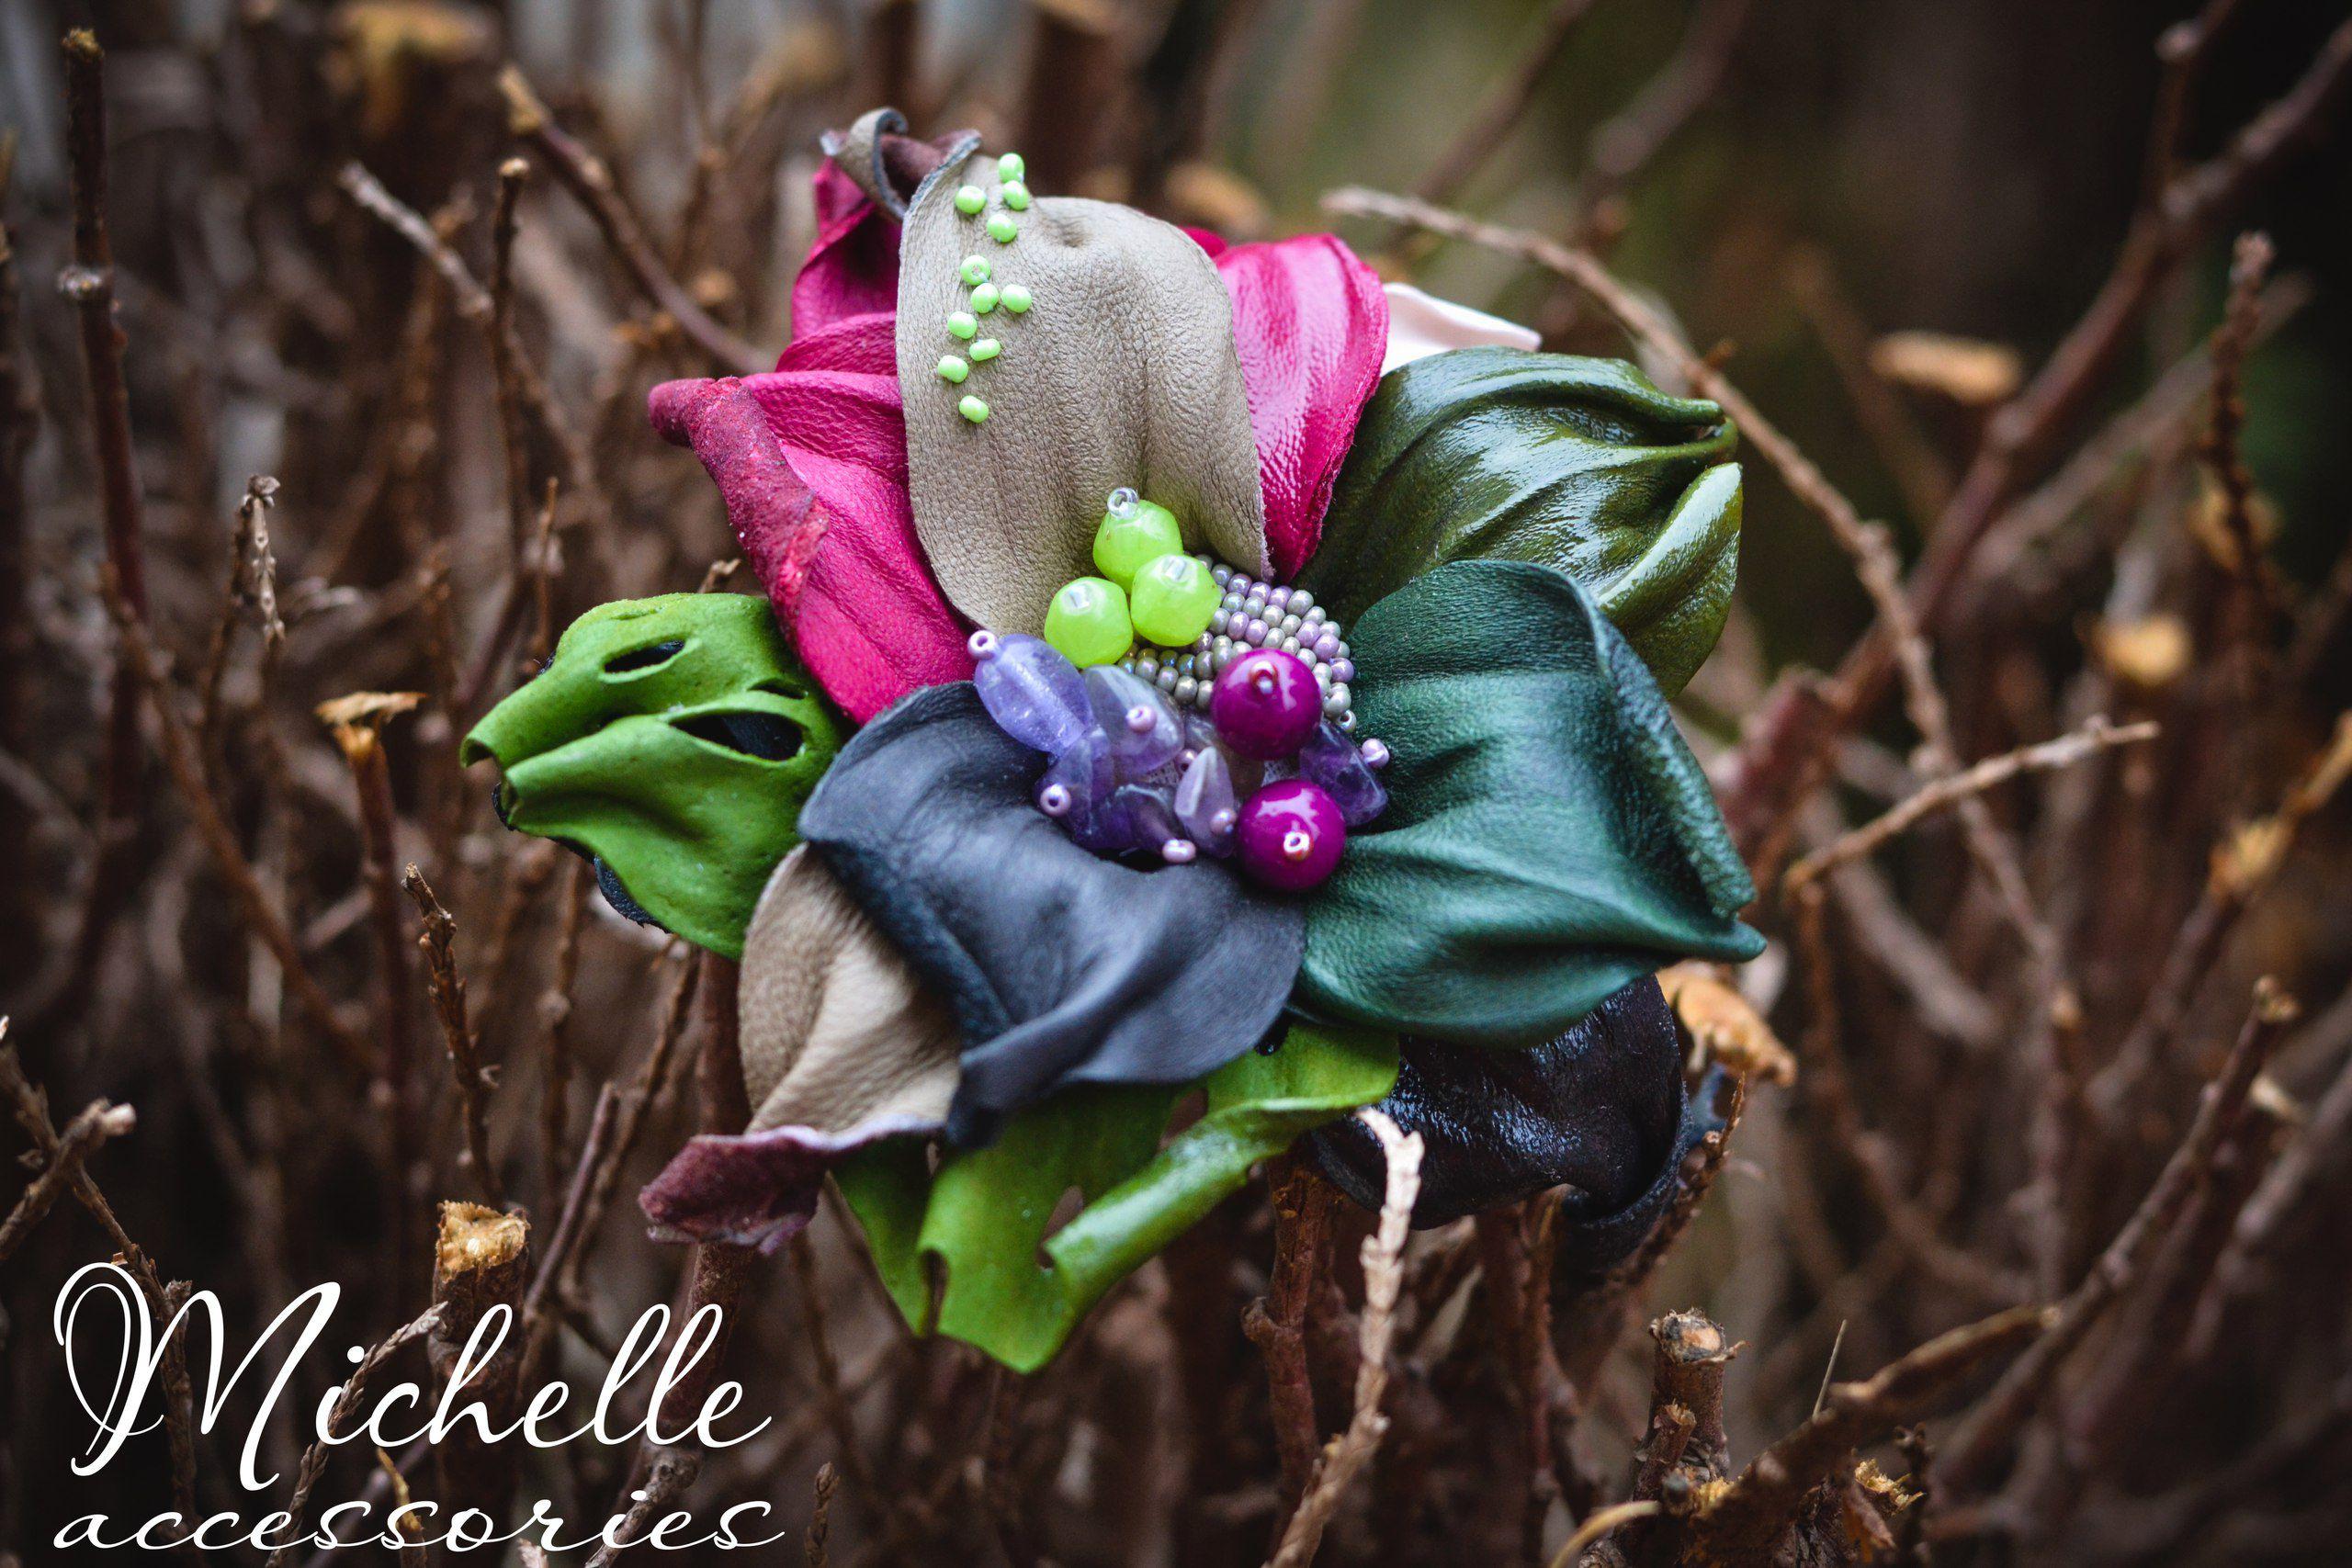 брошьизкожы купитьподарок купитьброшь кожаный замша брошь бисер ручная авторская бусинки кожа цветок подарок